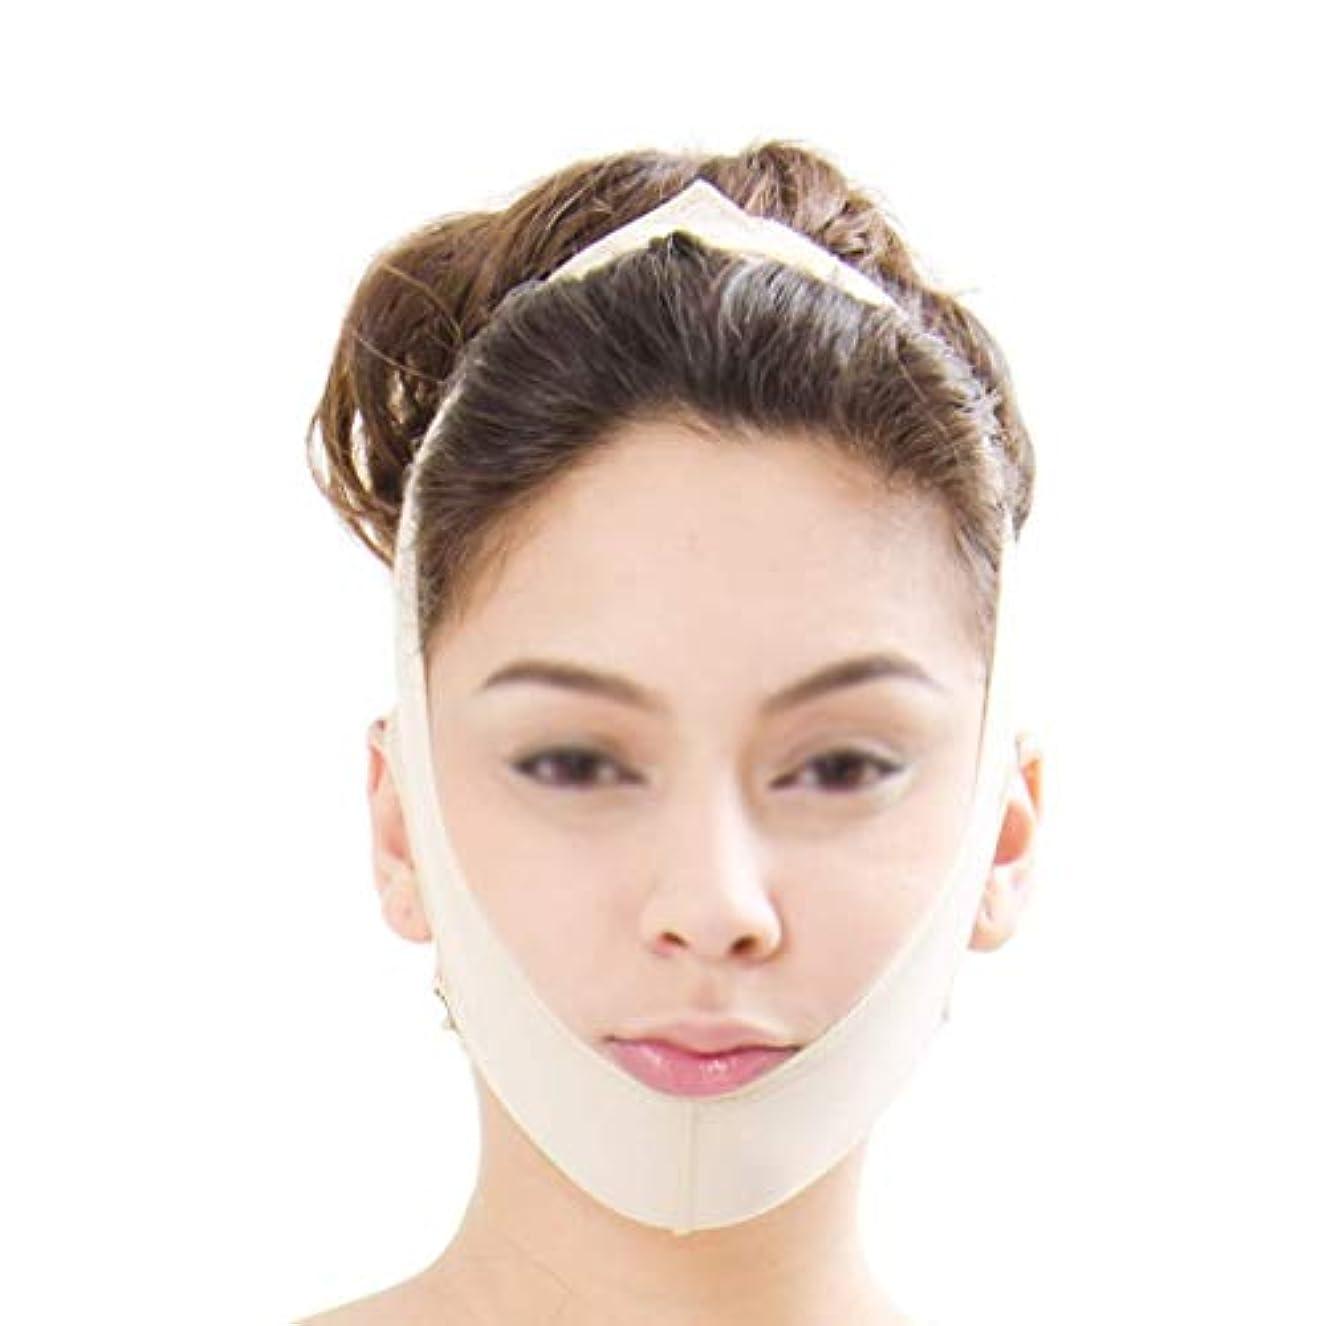 シャイニング商品分泌するフェイススリミングバンデージ、フェイスリフティングマスク、フェイスリフティングバンデージ、フェイシャル減量マスク、ダブルチンケア減量(サイズ:M),XL